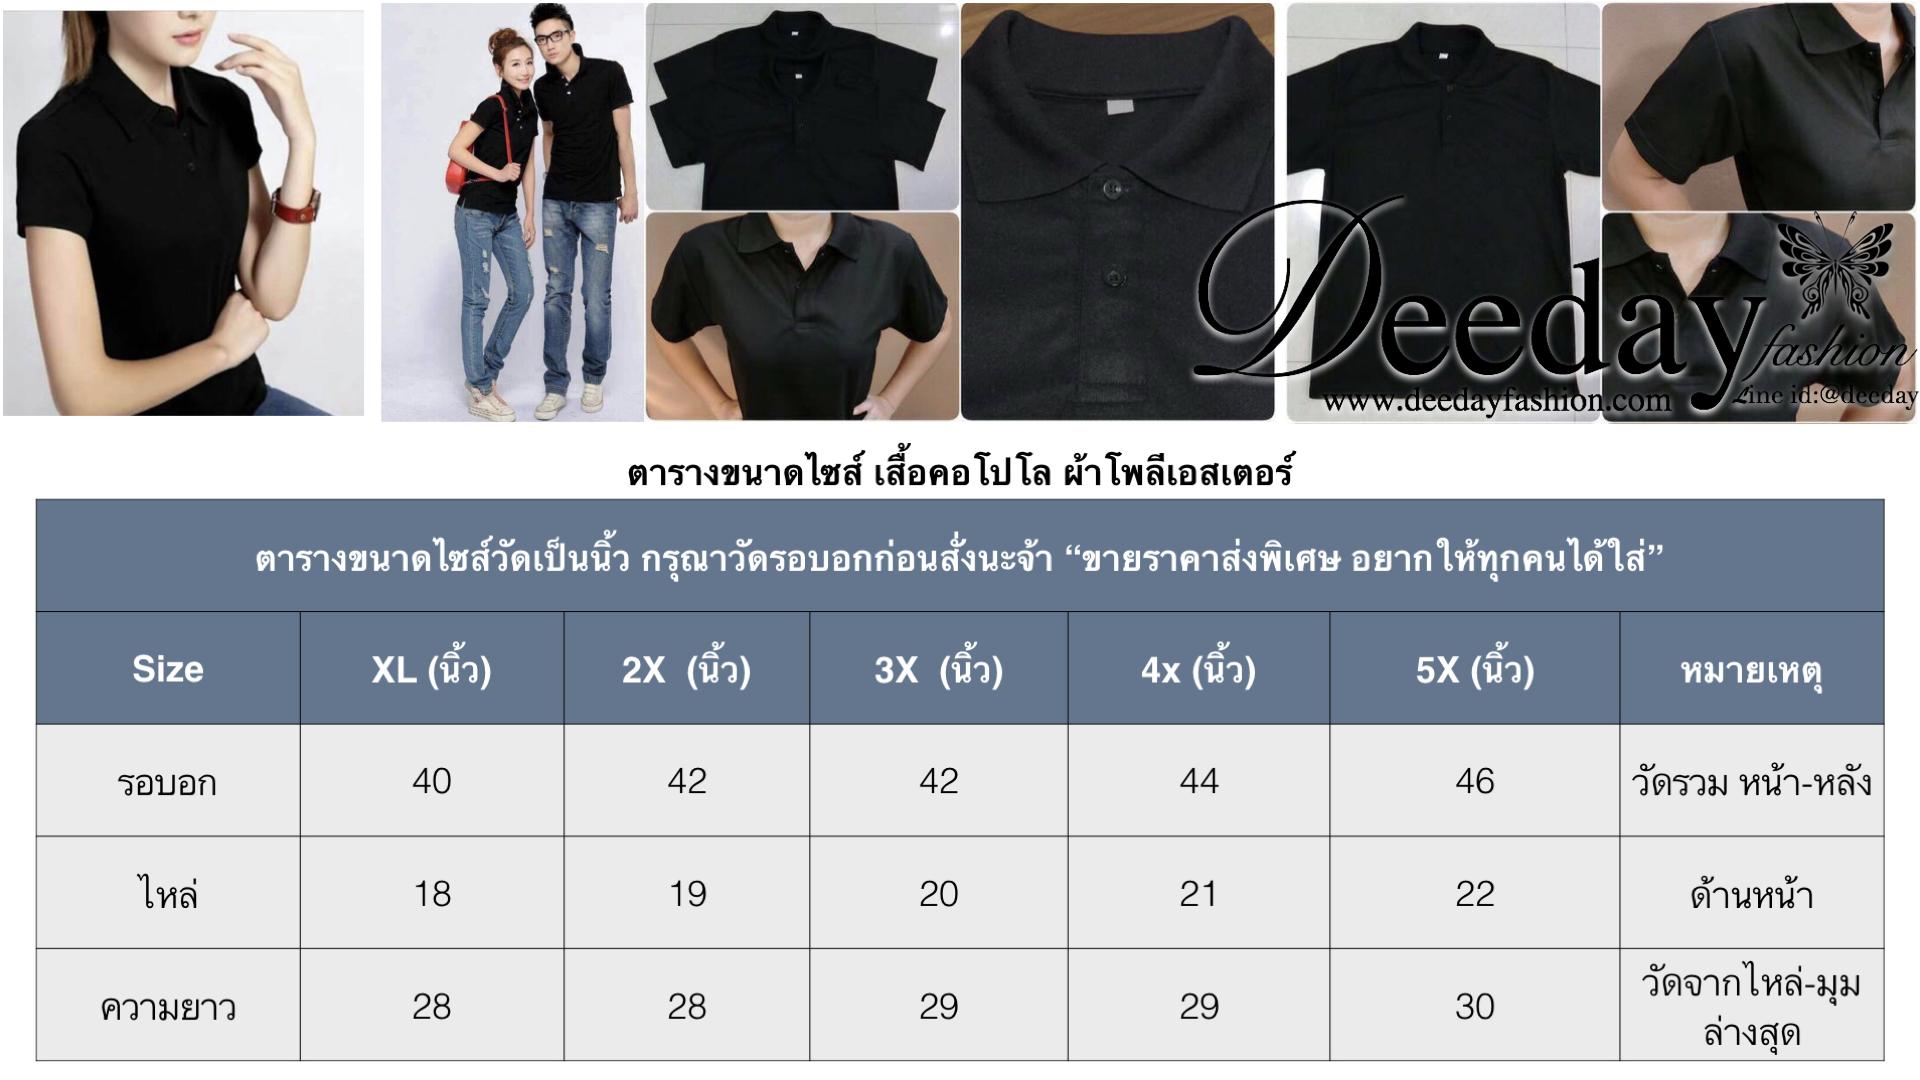 ชุดเดรสสีดำราคาถูก